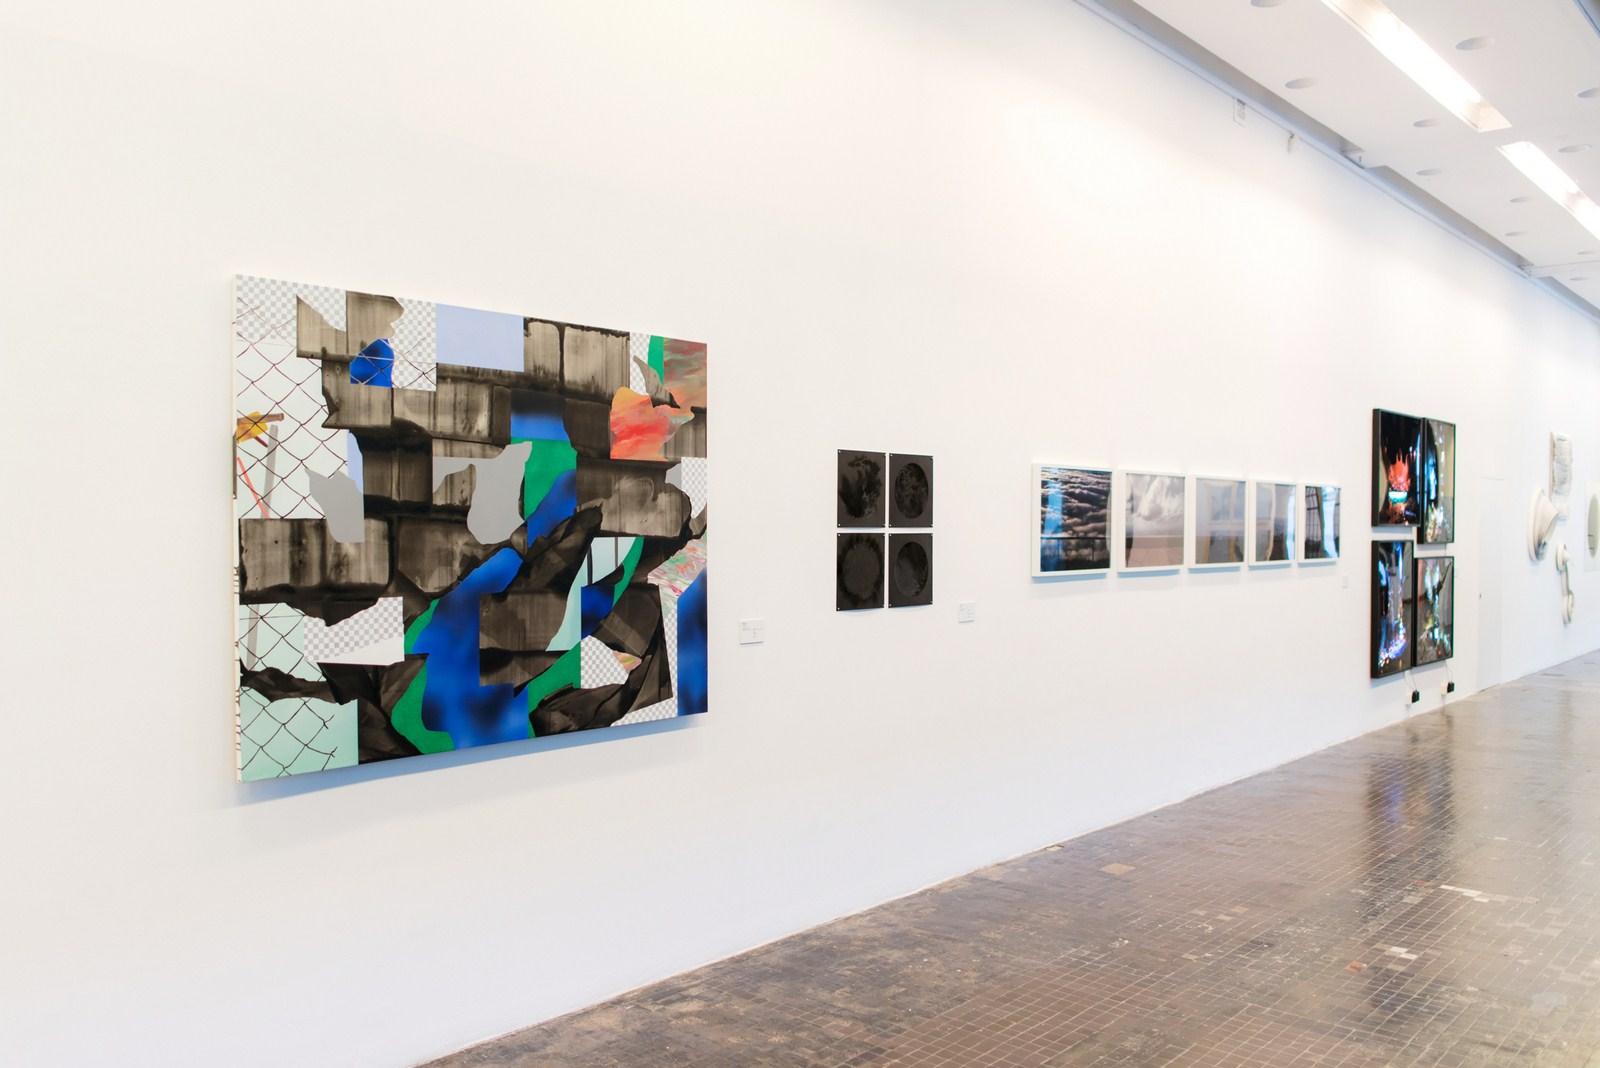 Od lewej: Mateusz Piestrak, Krajobraz pospalonym dowcipie, akryl napłótnie, 2016, Hanna Dyrcz, Protuberancje, ołówek, węgiel, tektura, 2015